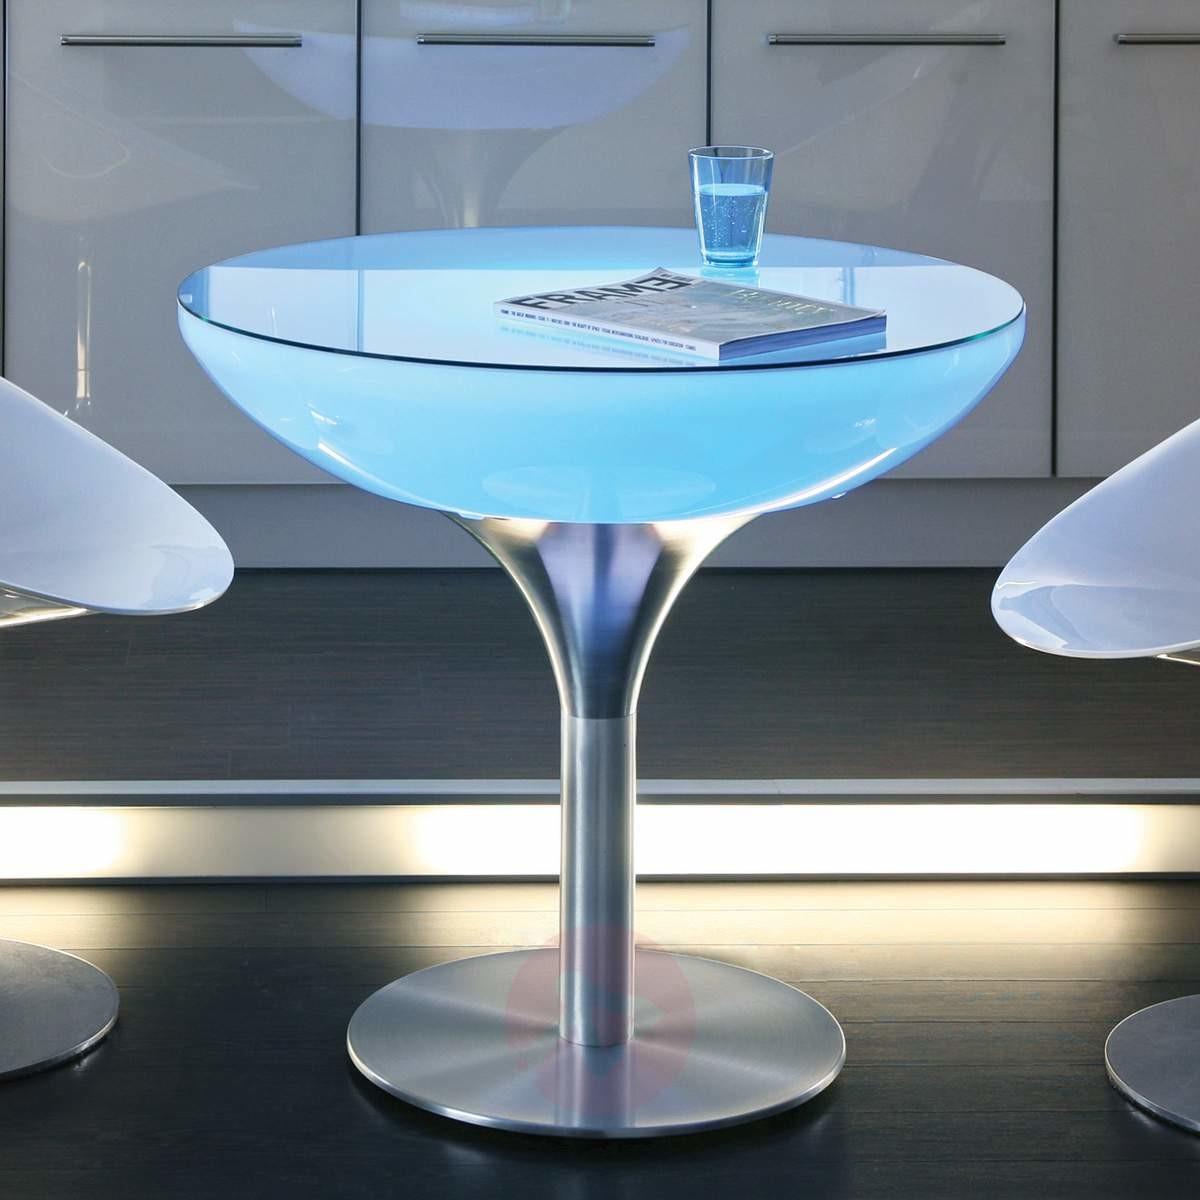 Moree Okrągły stół świecący LOUNGE, wysokość 75 cm